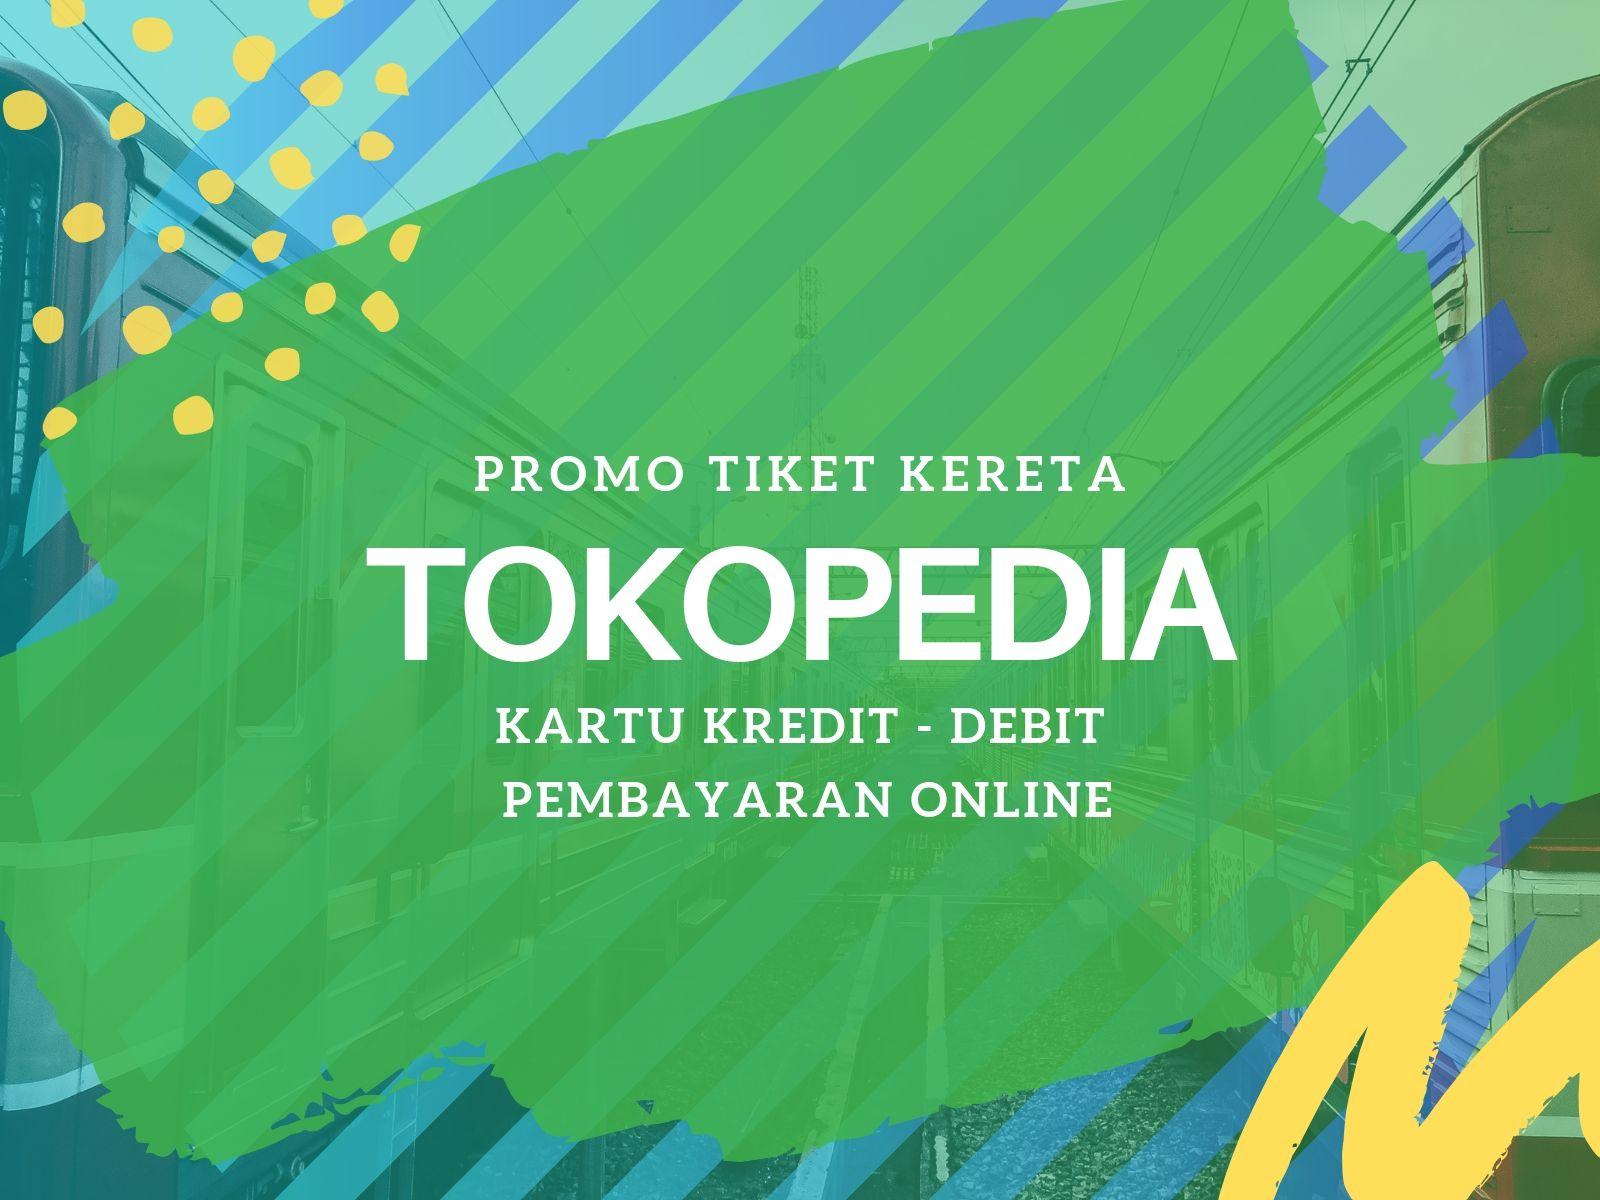 Promo Tokopedia Tiket Kereta Diskon Rp30 000 Travelspromo